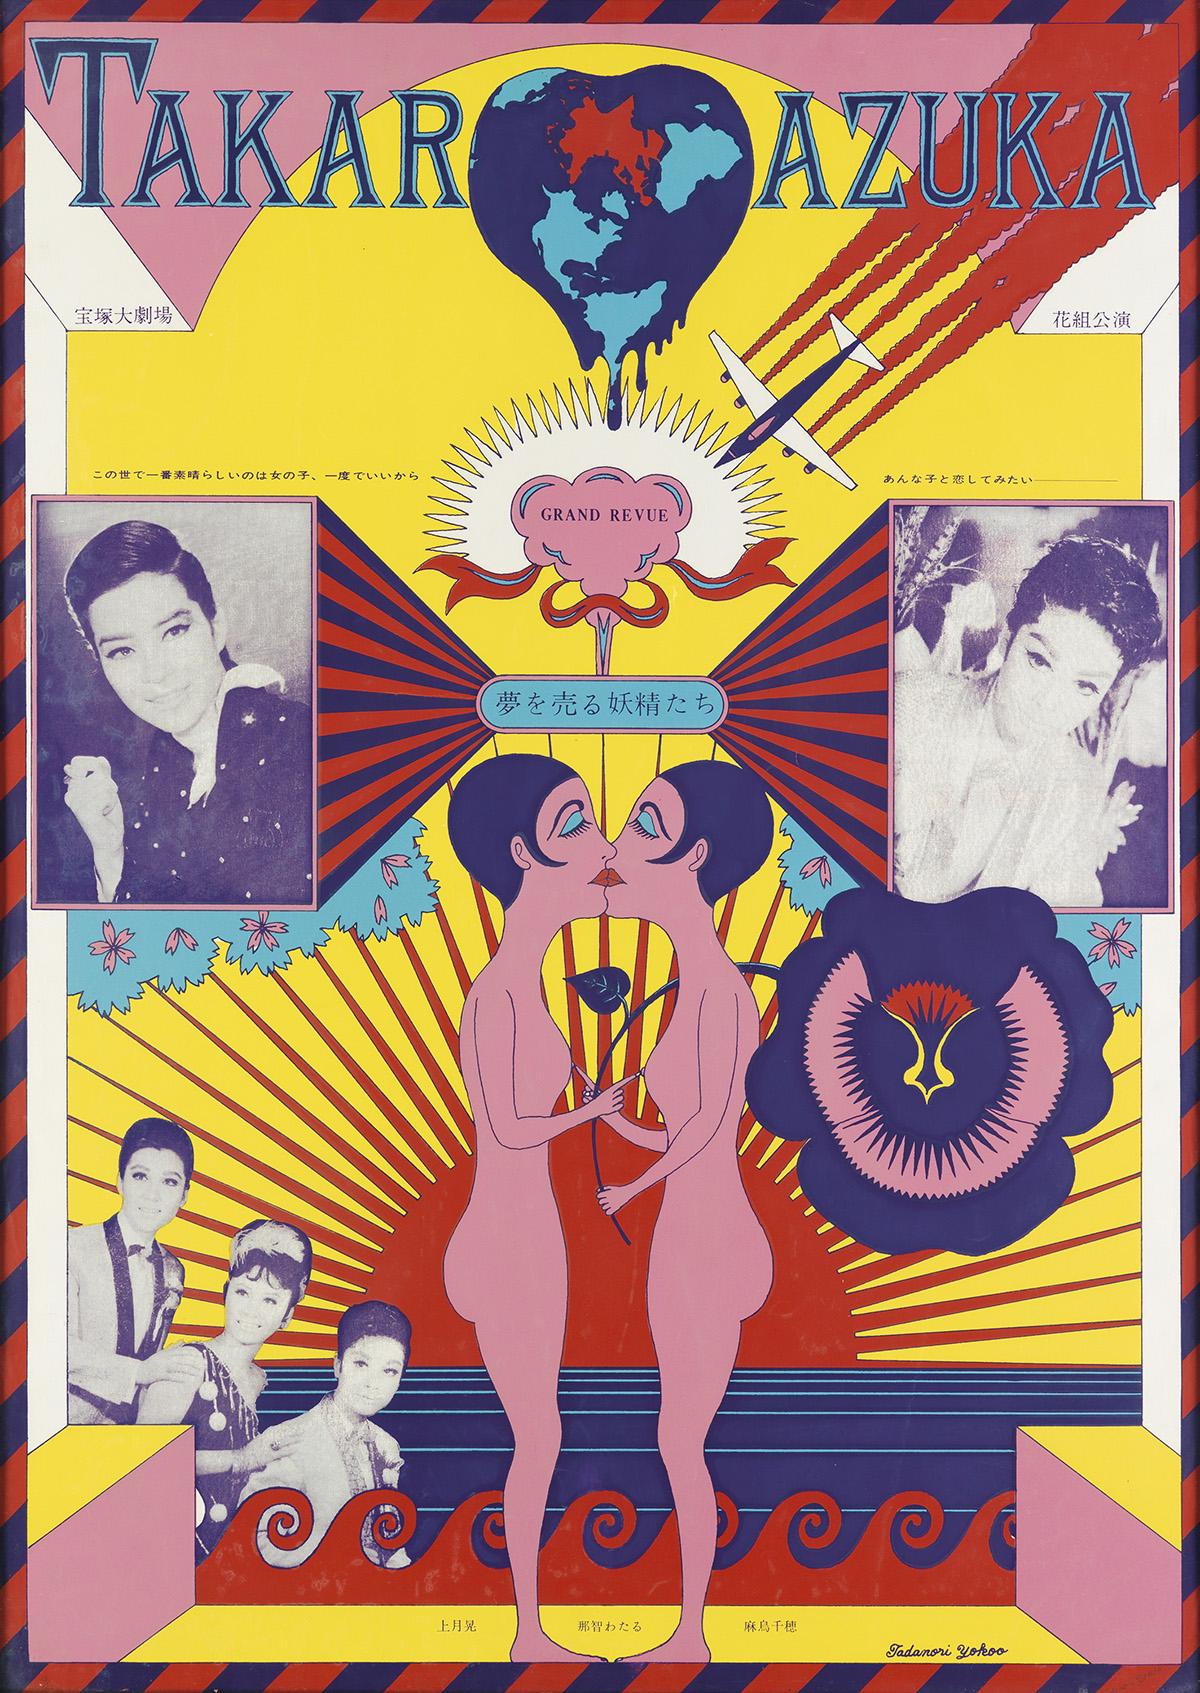 TADANORI-YOKOO-(1936--)-TAKARAZUKA--GRAND-REVUE-1966-40x28-i